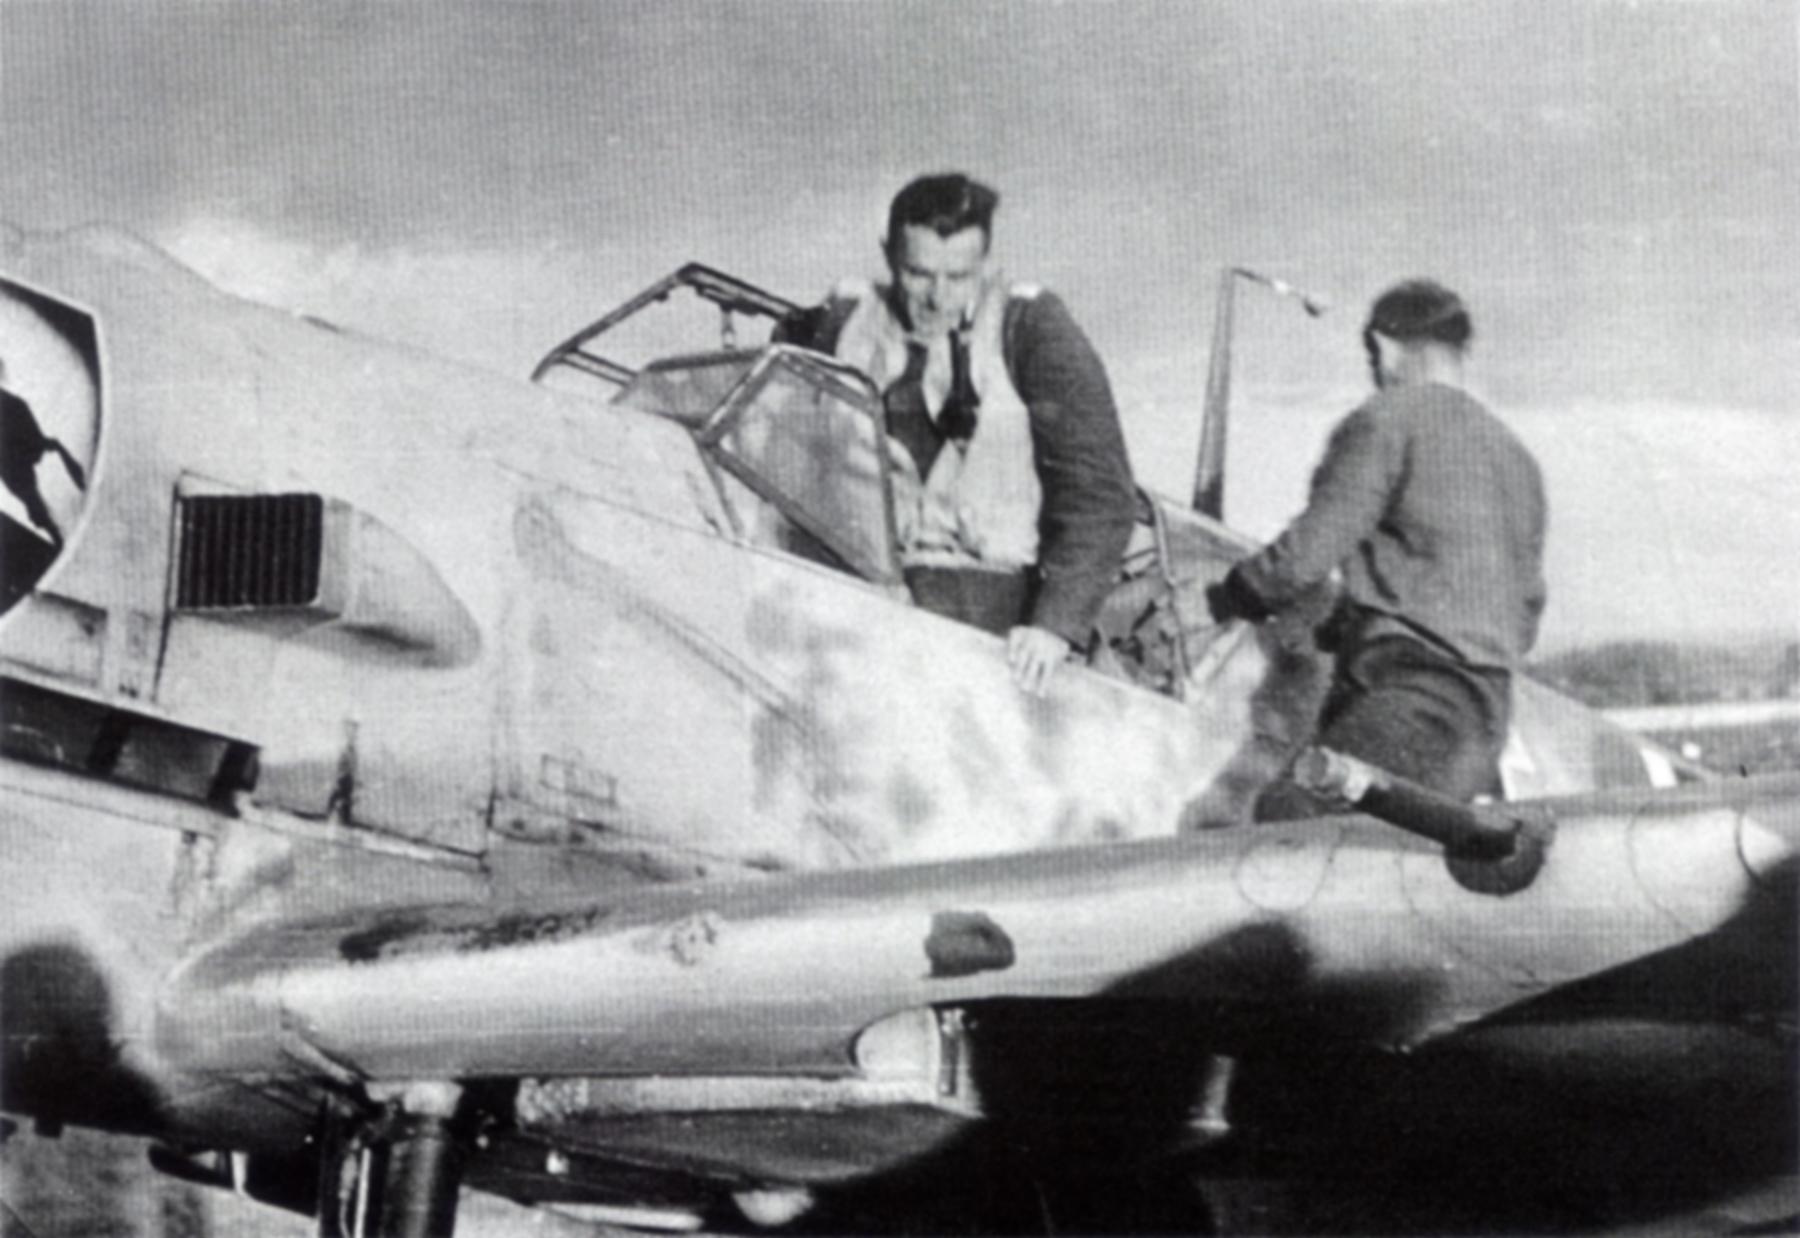 Messerschmitt Bf 109E3 2.JG52 Black 5 Helmut Bennemann Calais France 1940 04